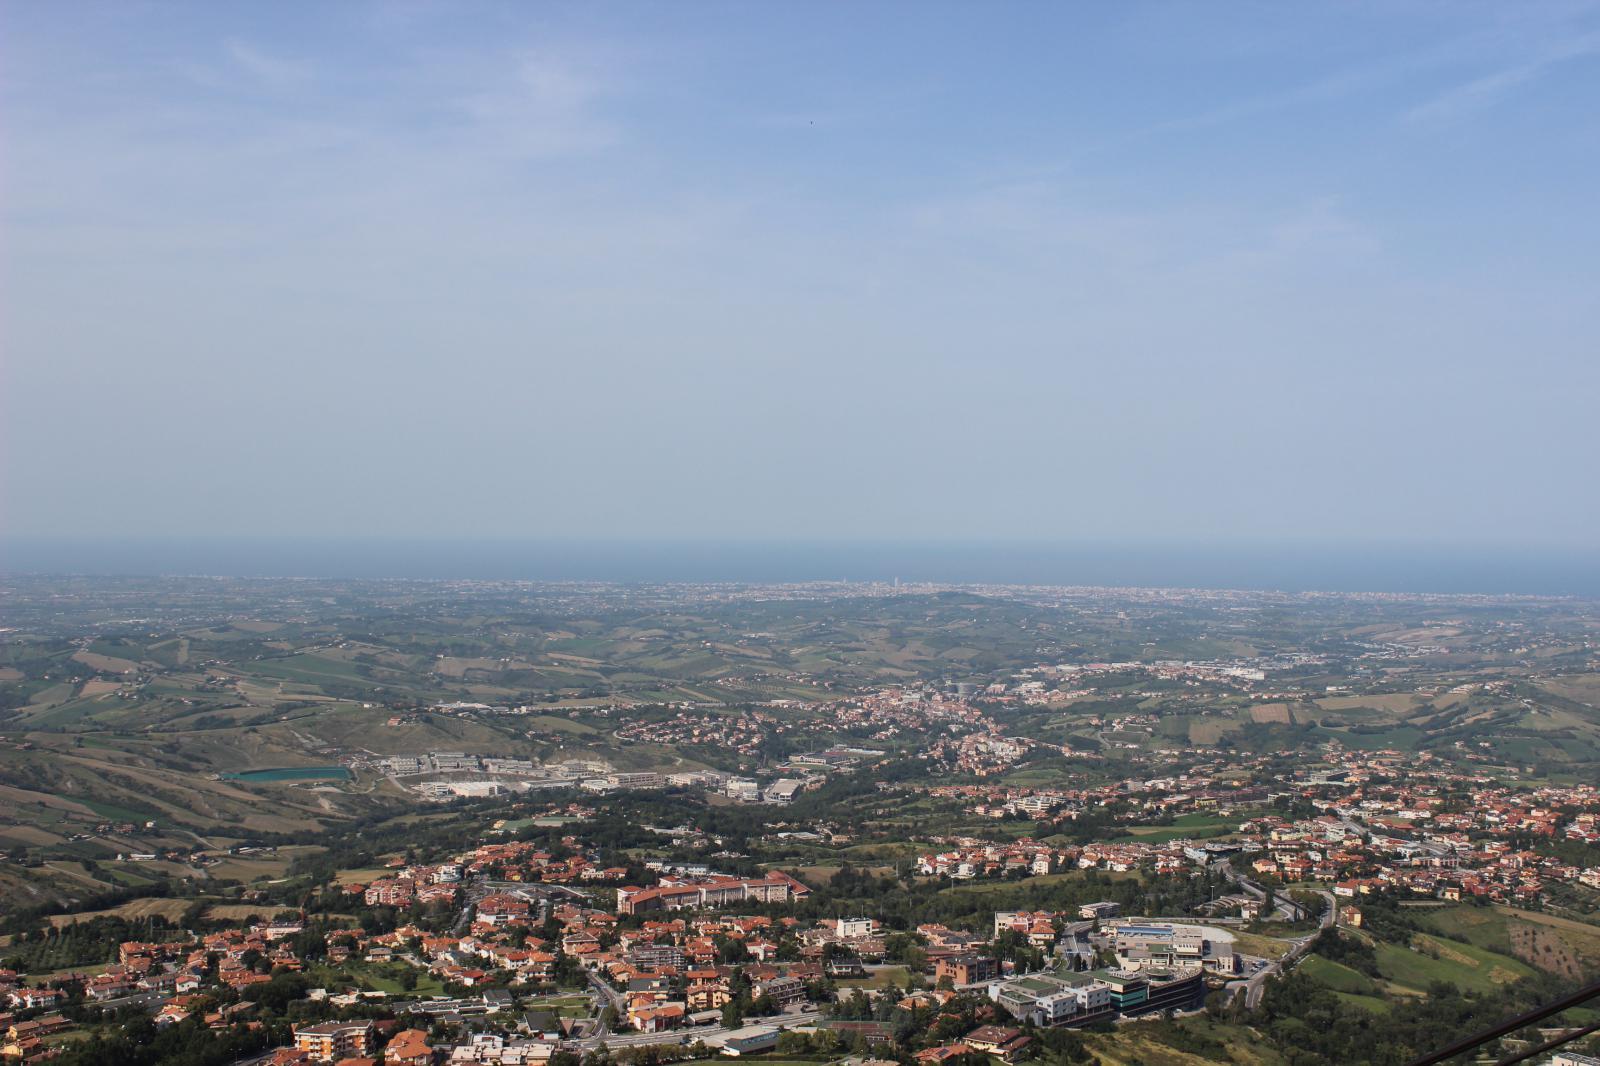 Сан-Марино. В далеке видно Римини и Адриатическое море) - IMG_1592.JPG